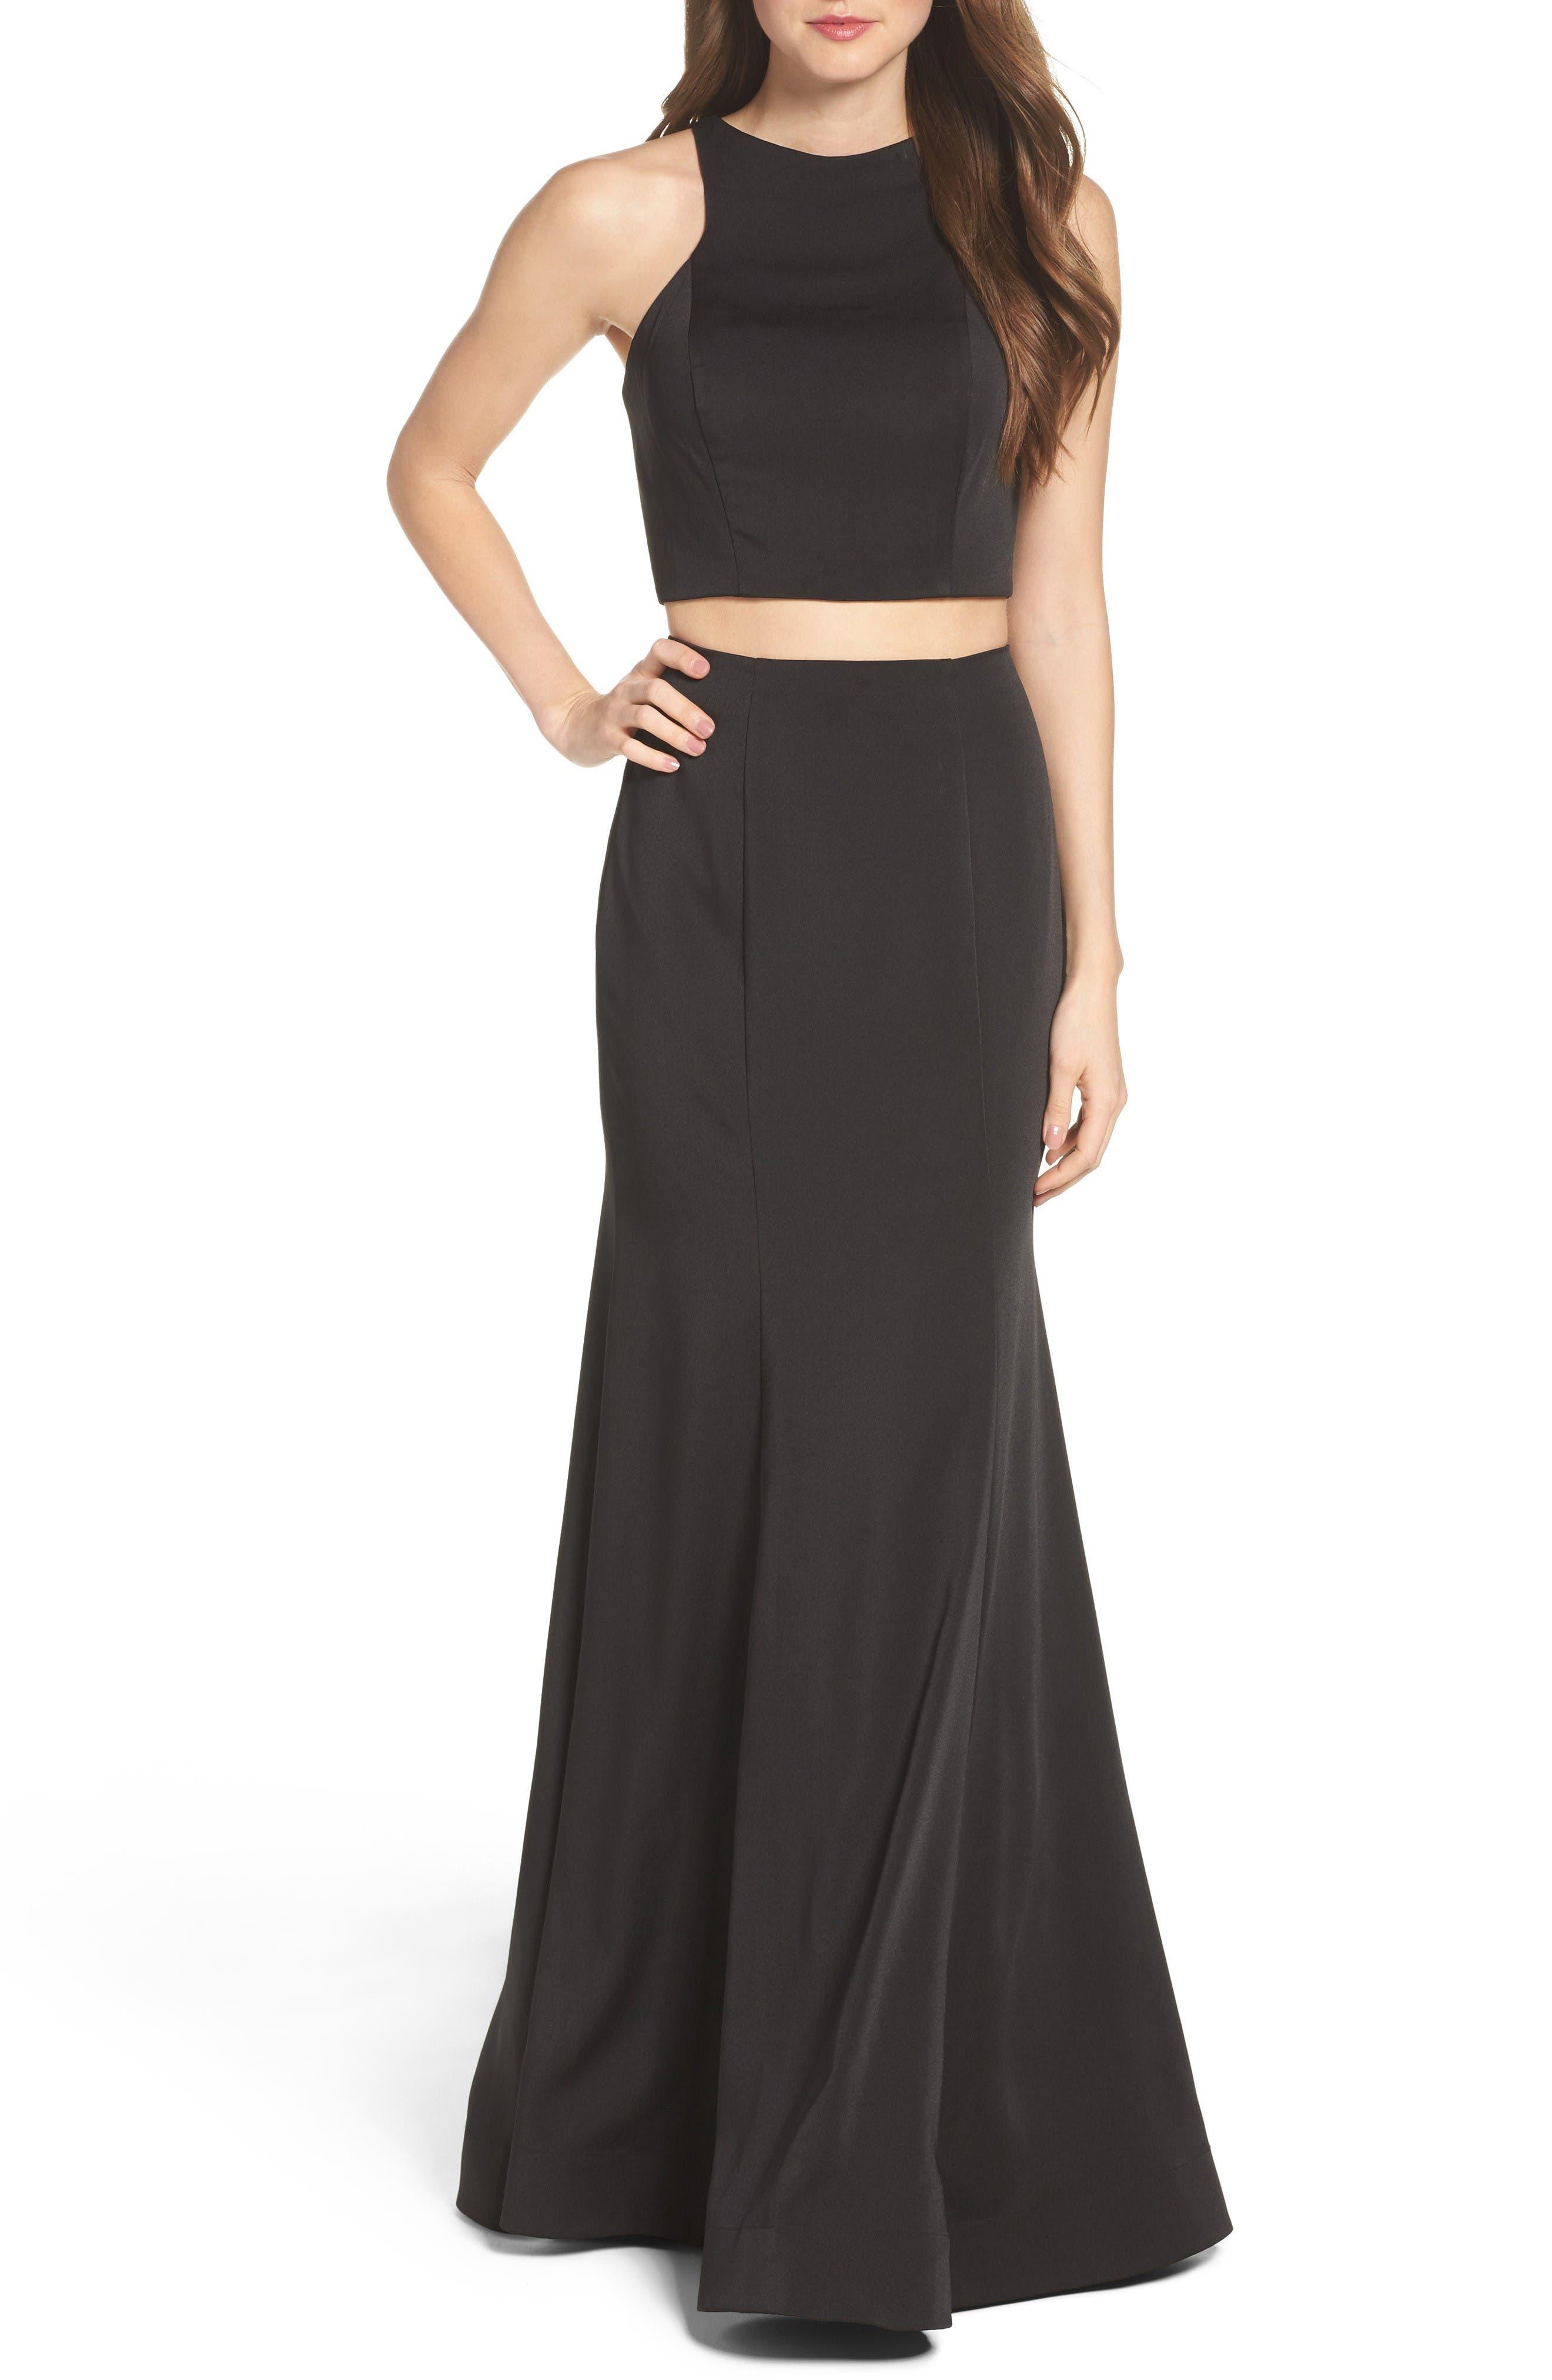 La Femme Two-Piece Gown